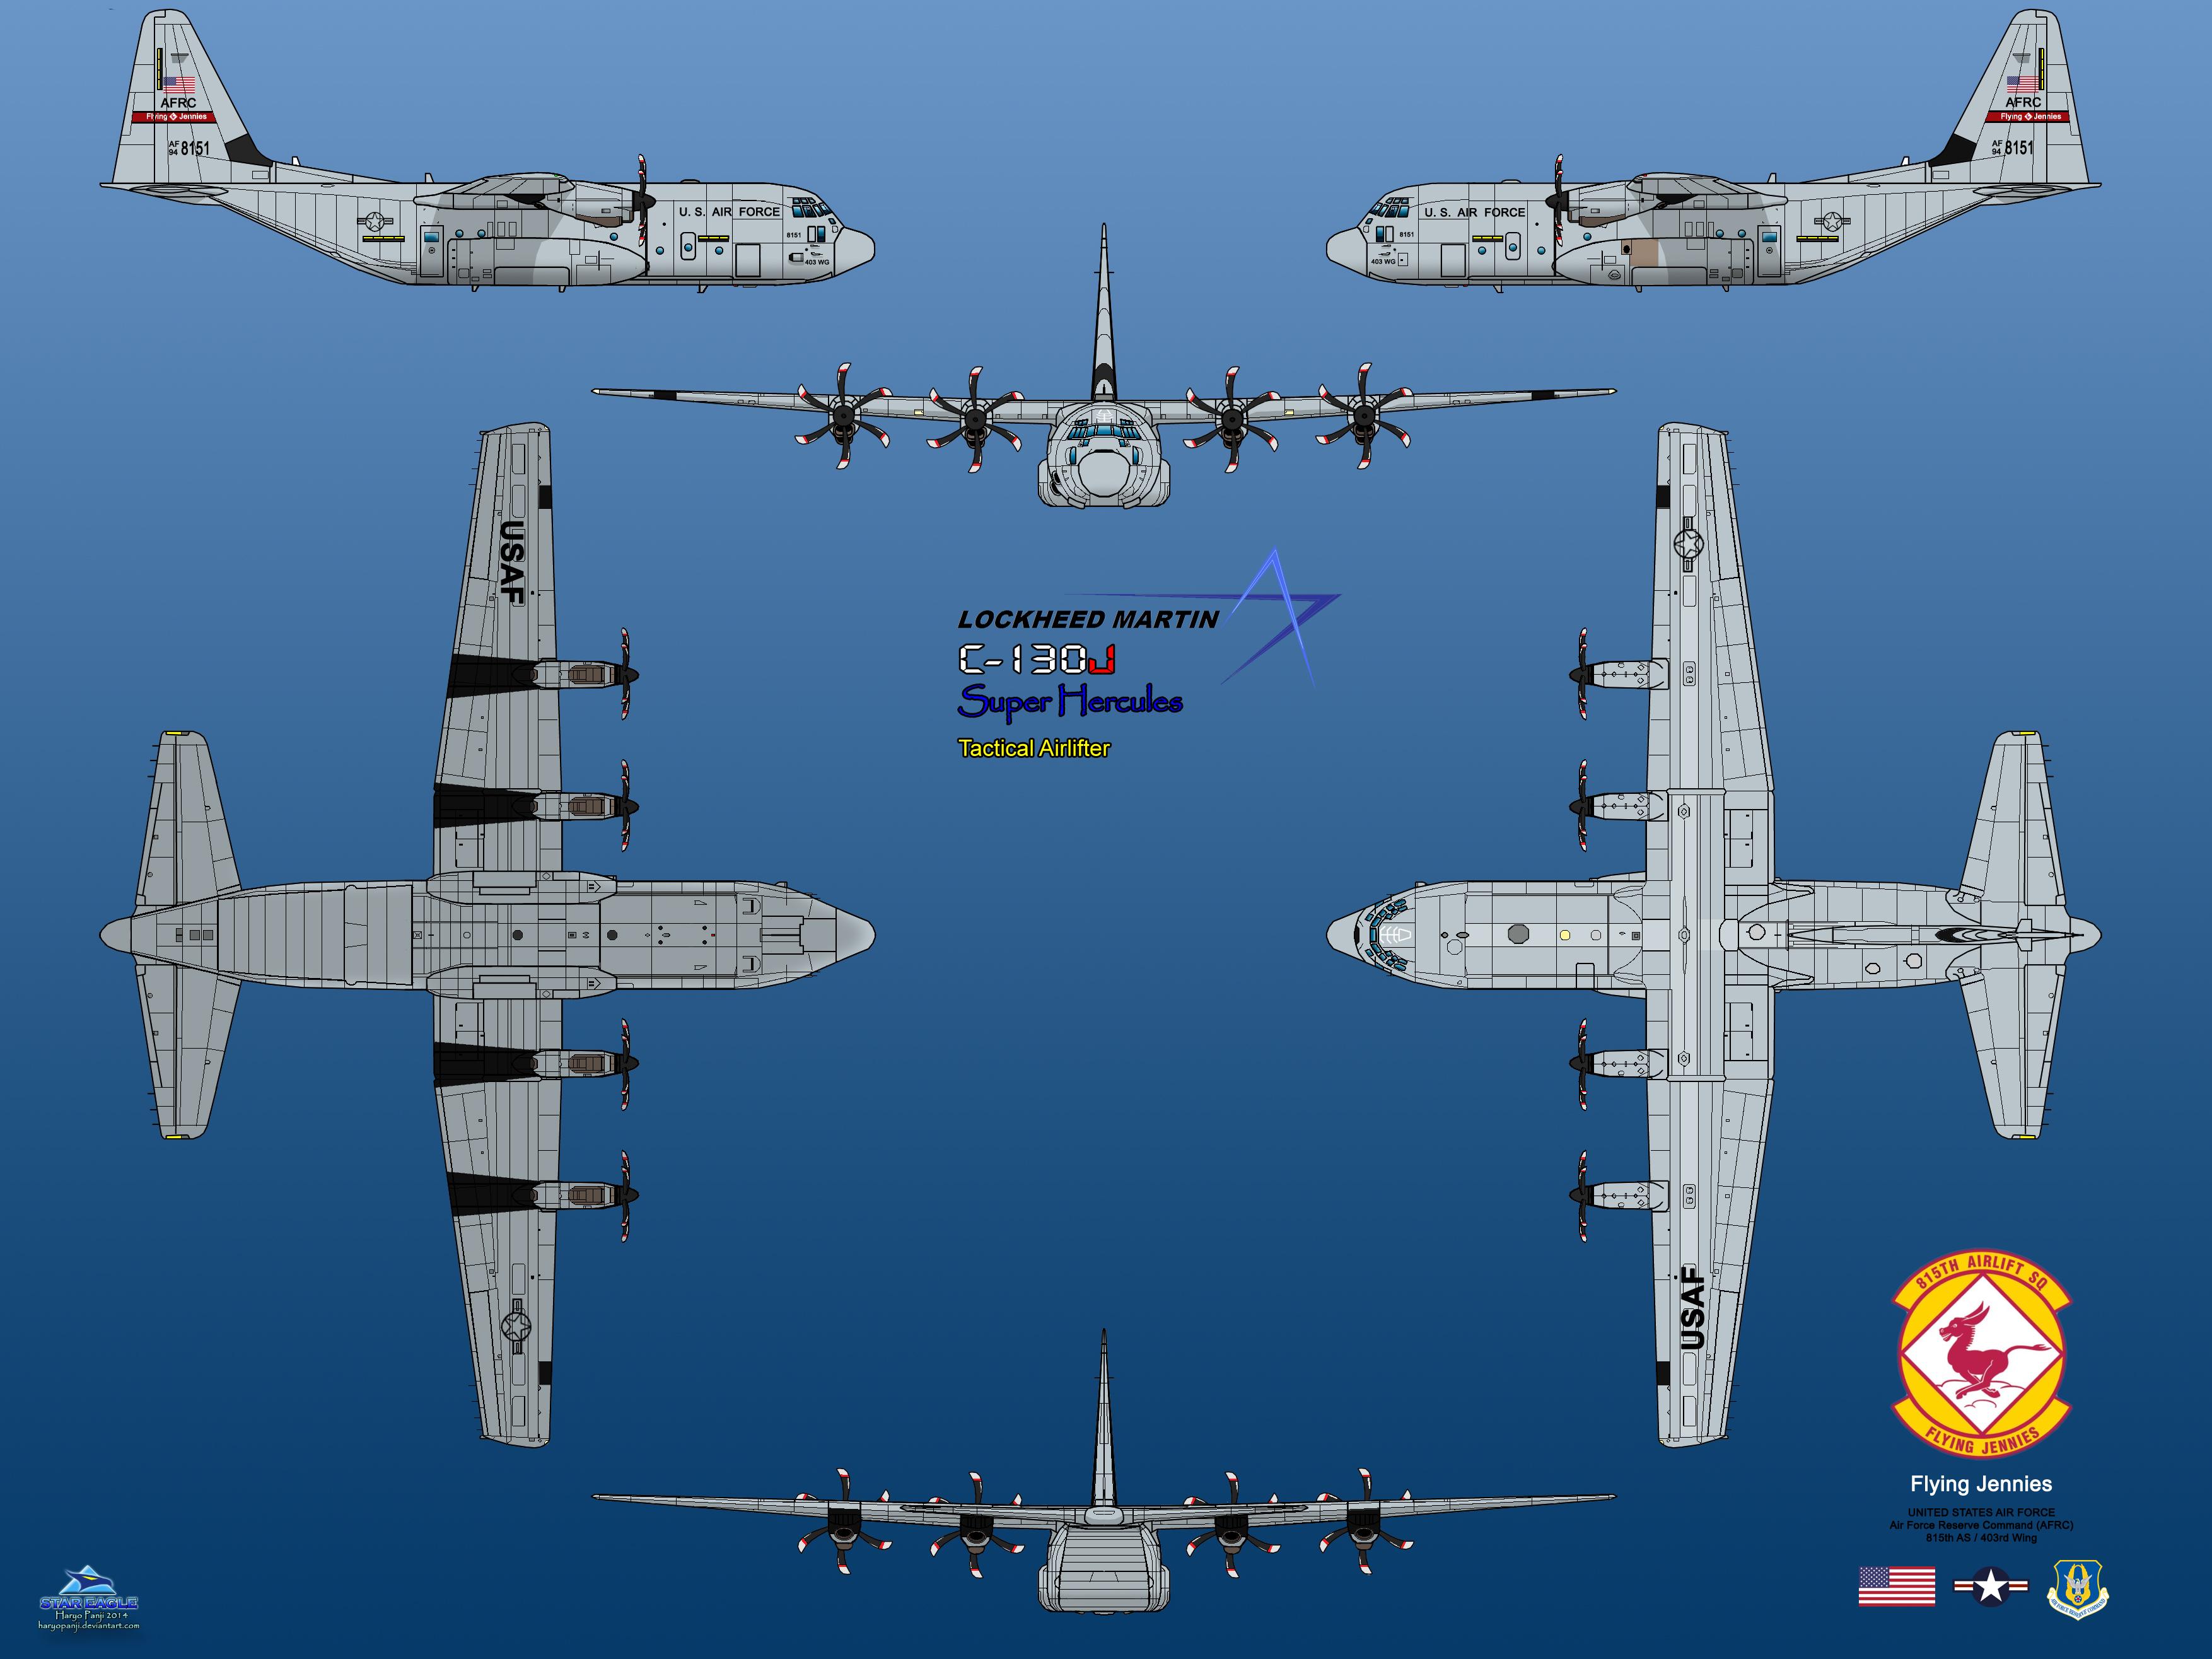 Lockheed martin c 130j super hercules by haryopanji on deviantart